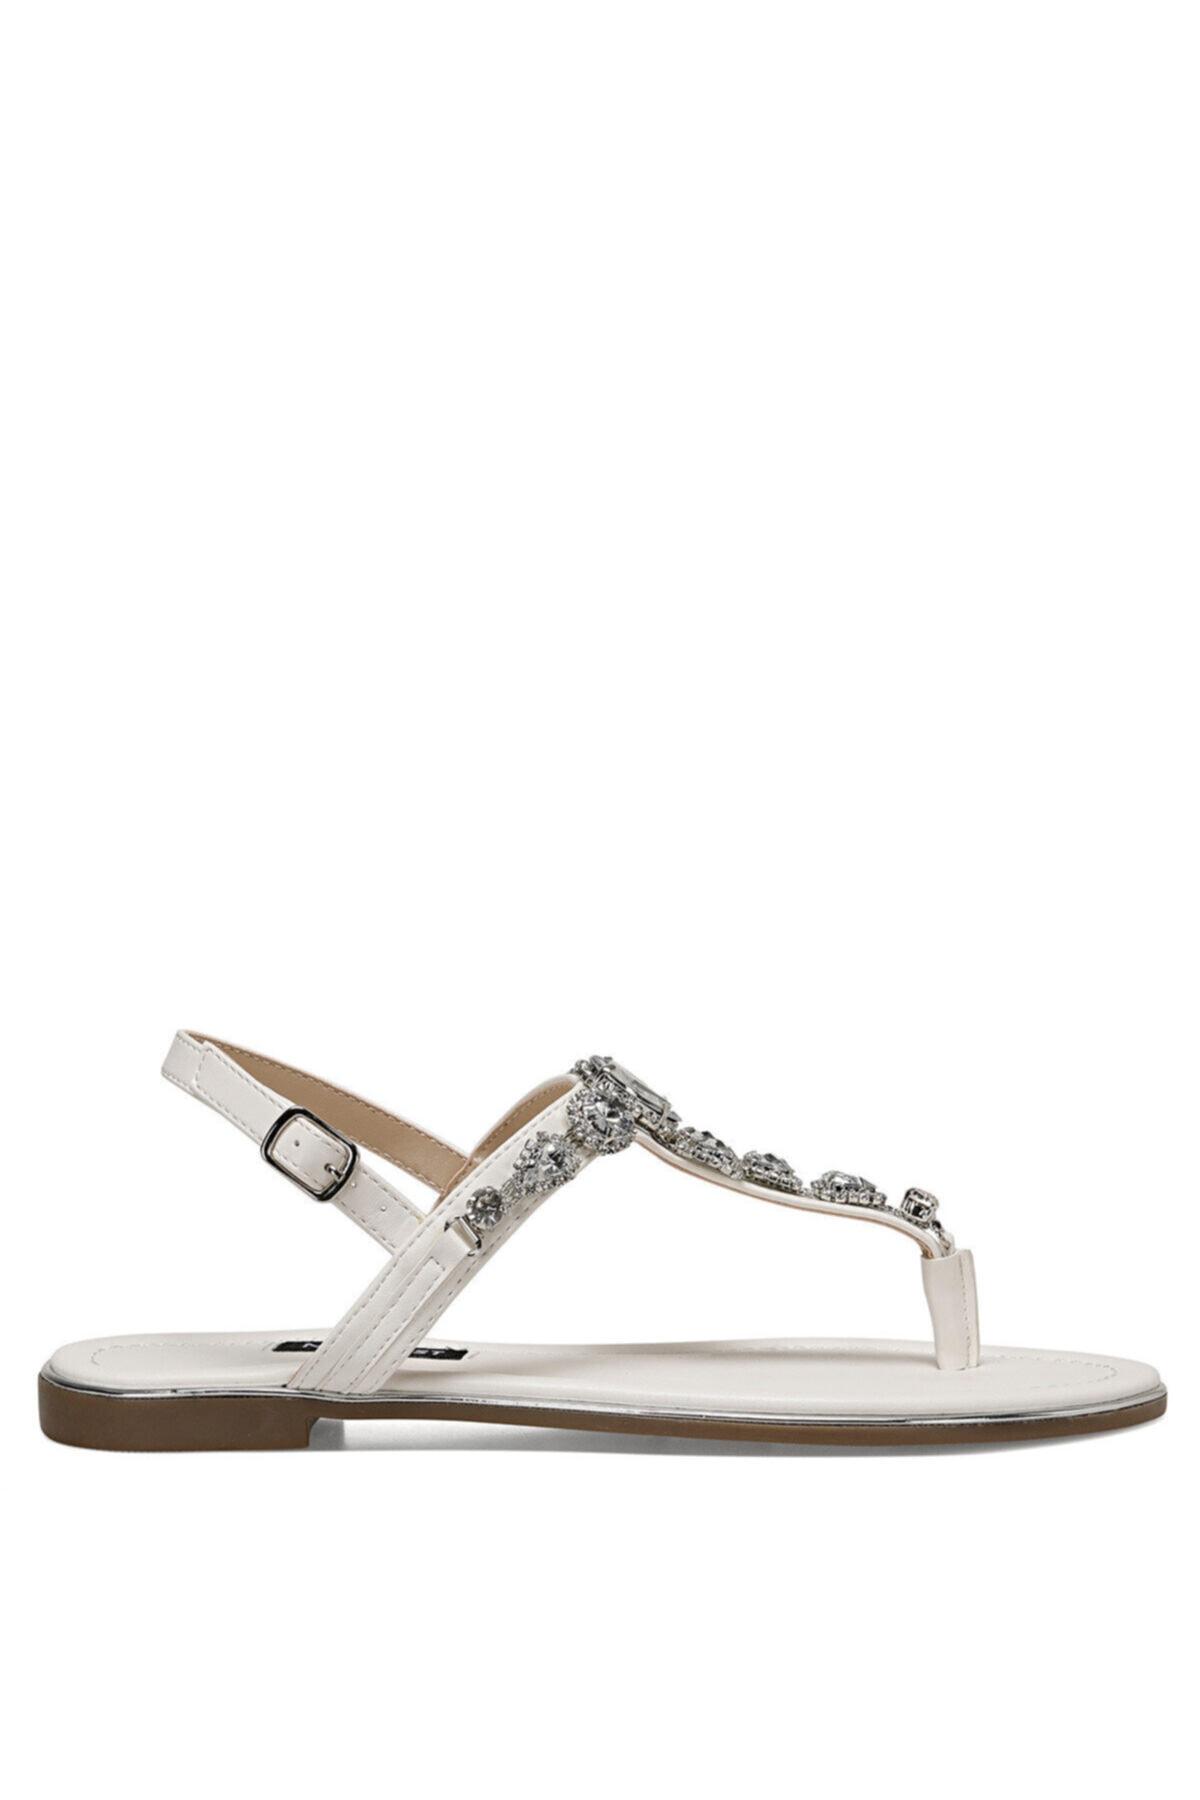 Nine West ZULI Beyaz Kadın Sandalet 100524863 1